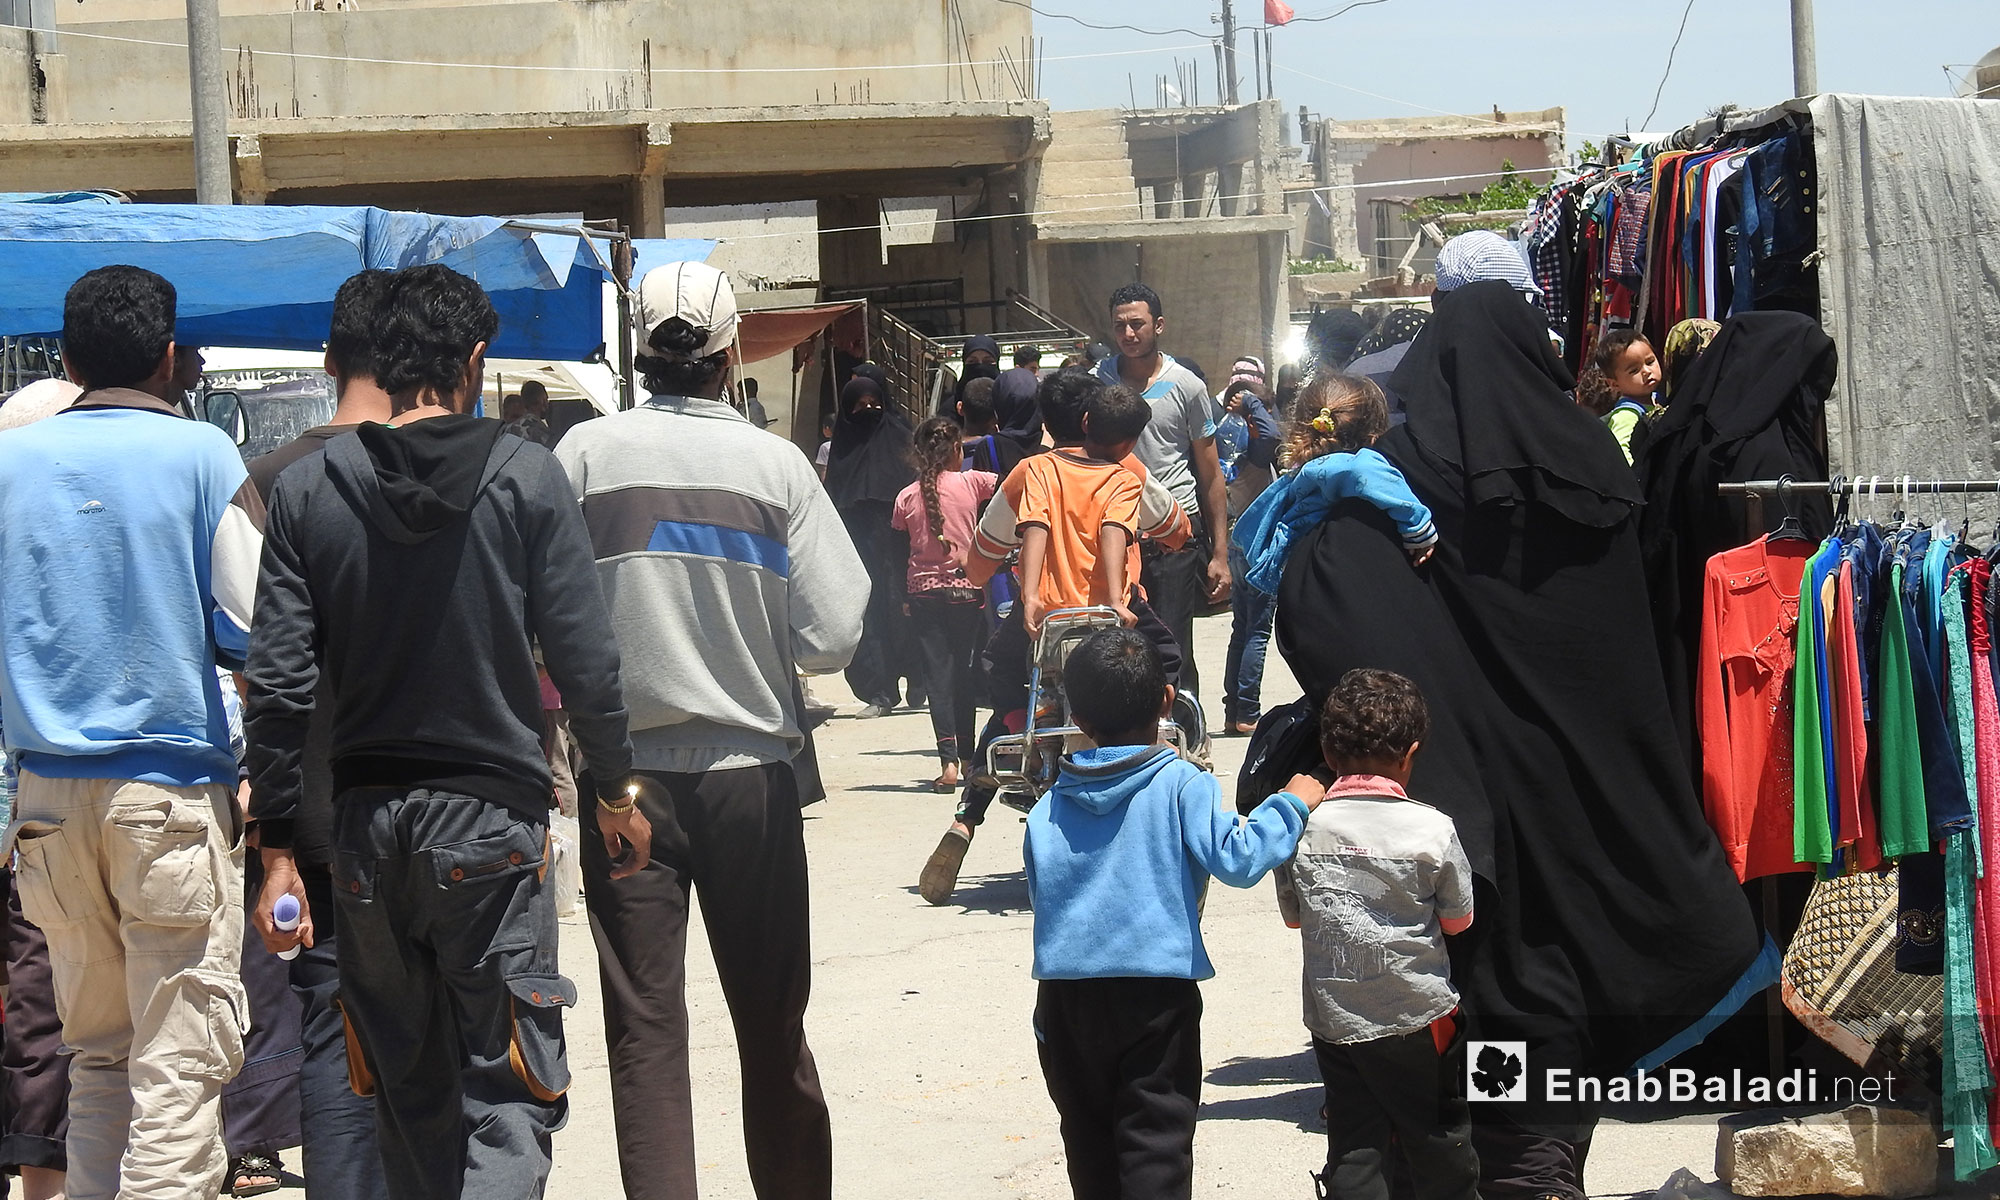 حركة أسواق بلدة دابق شمال حلب استعدادًا لاستقبال عيد الفطر - 13 حزيران 2017 (عنب بلدي)